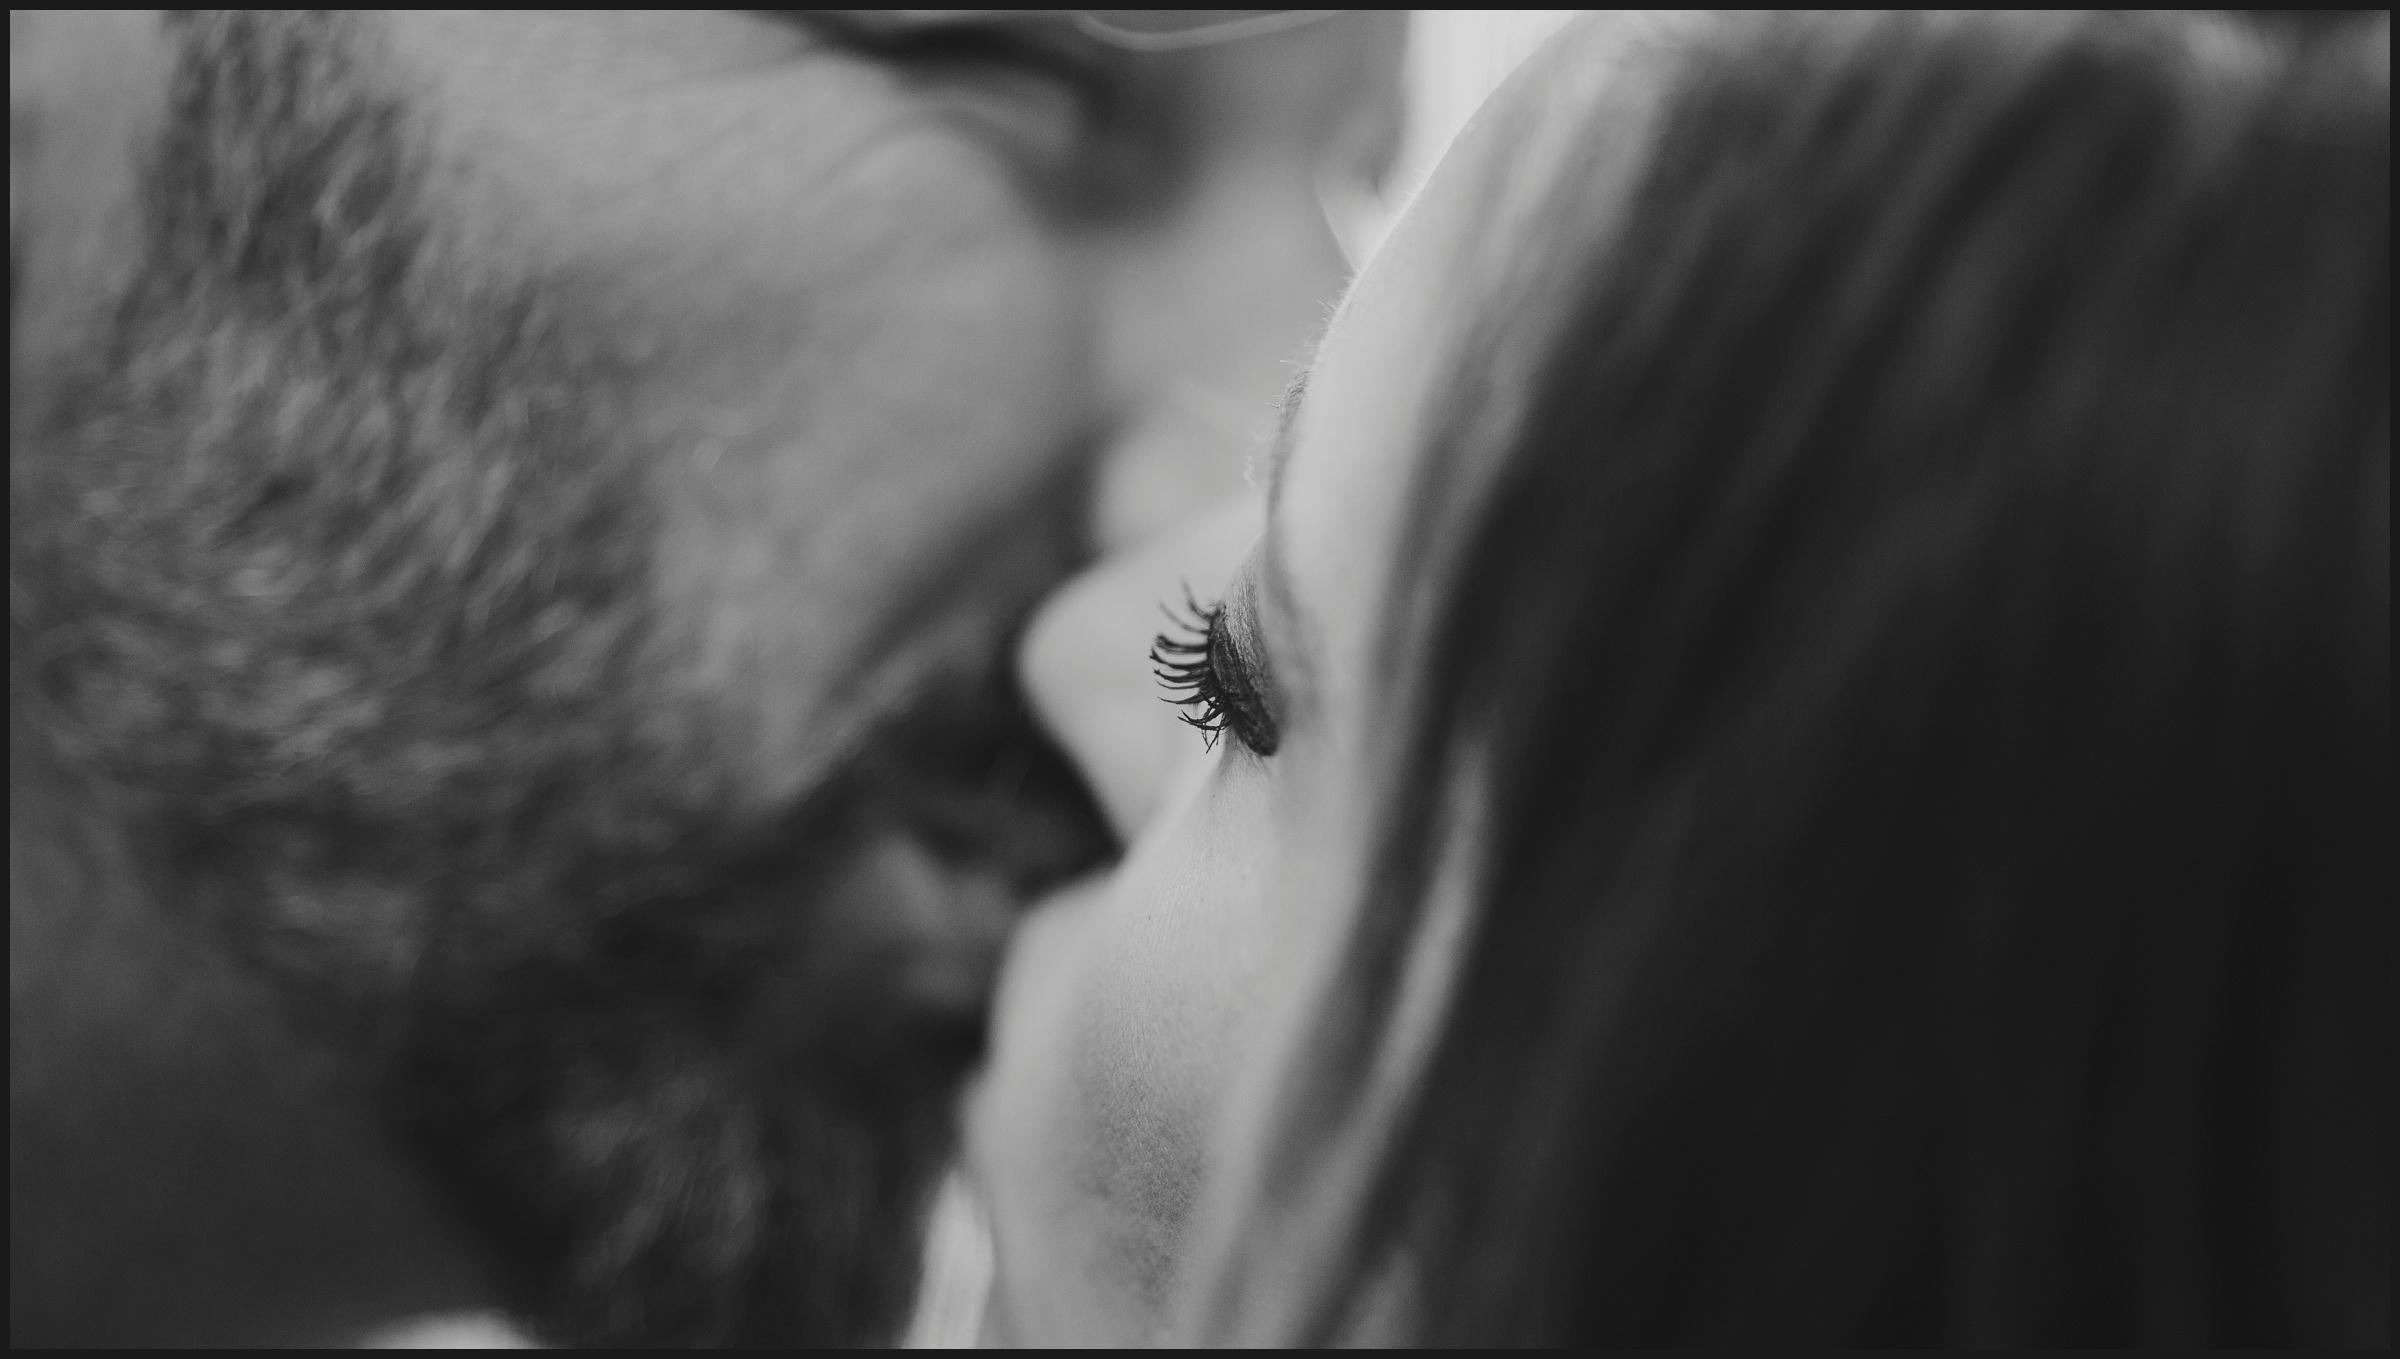 kiss, details